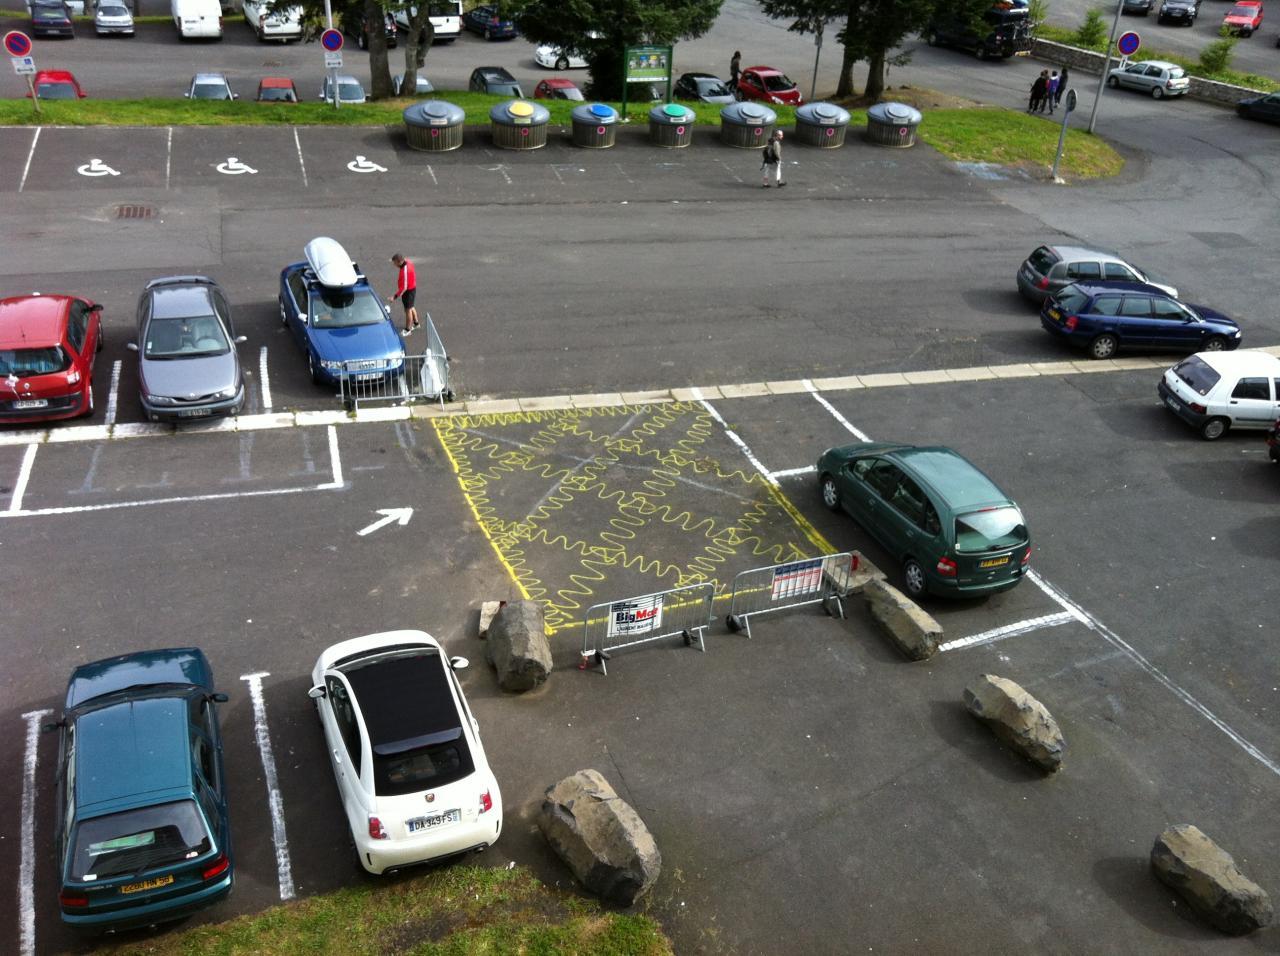 1 zone arrêt dépose minute signalé au sol